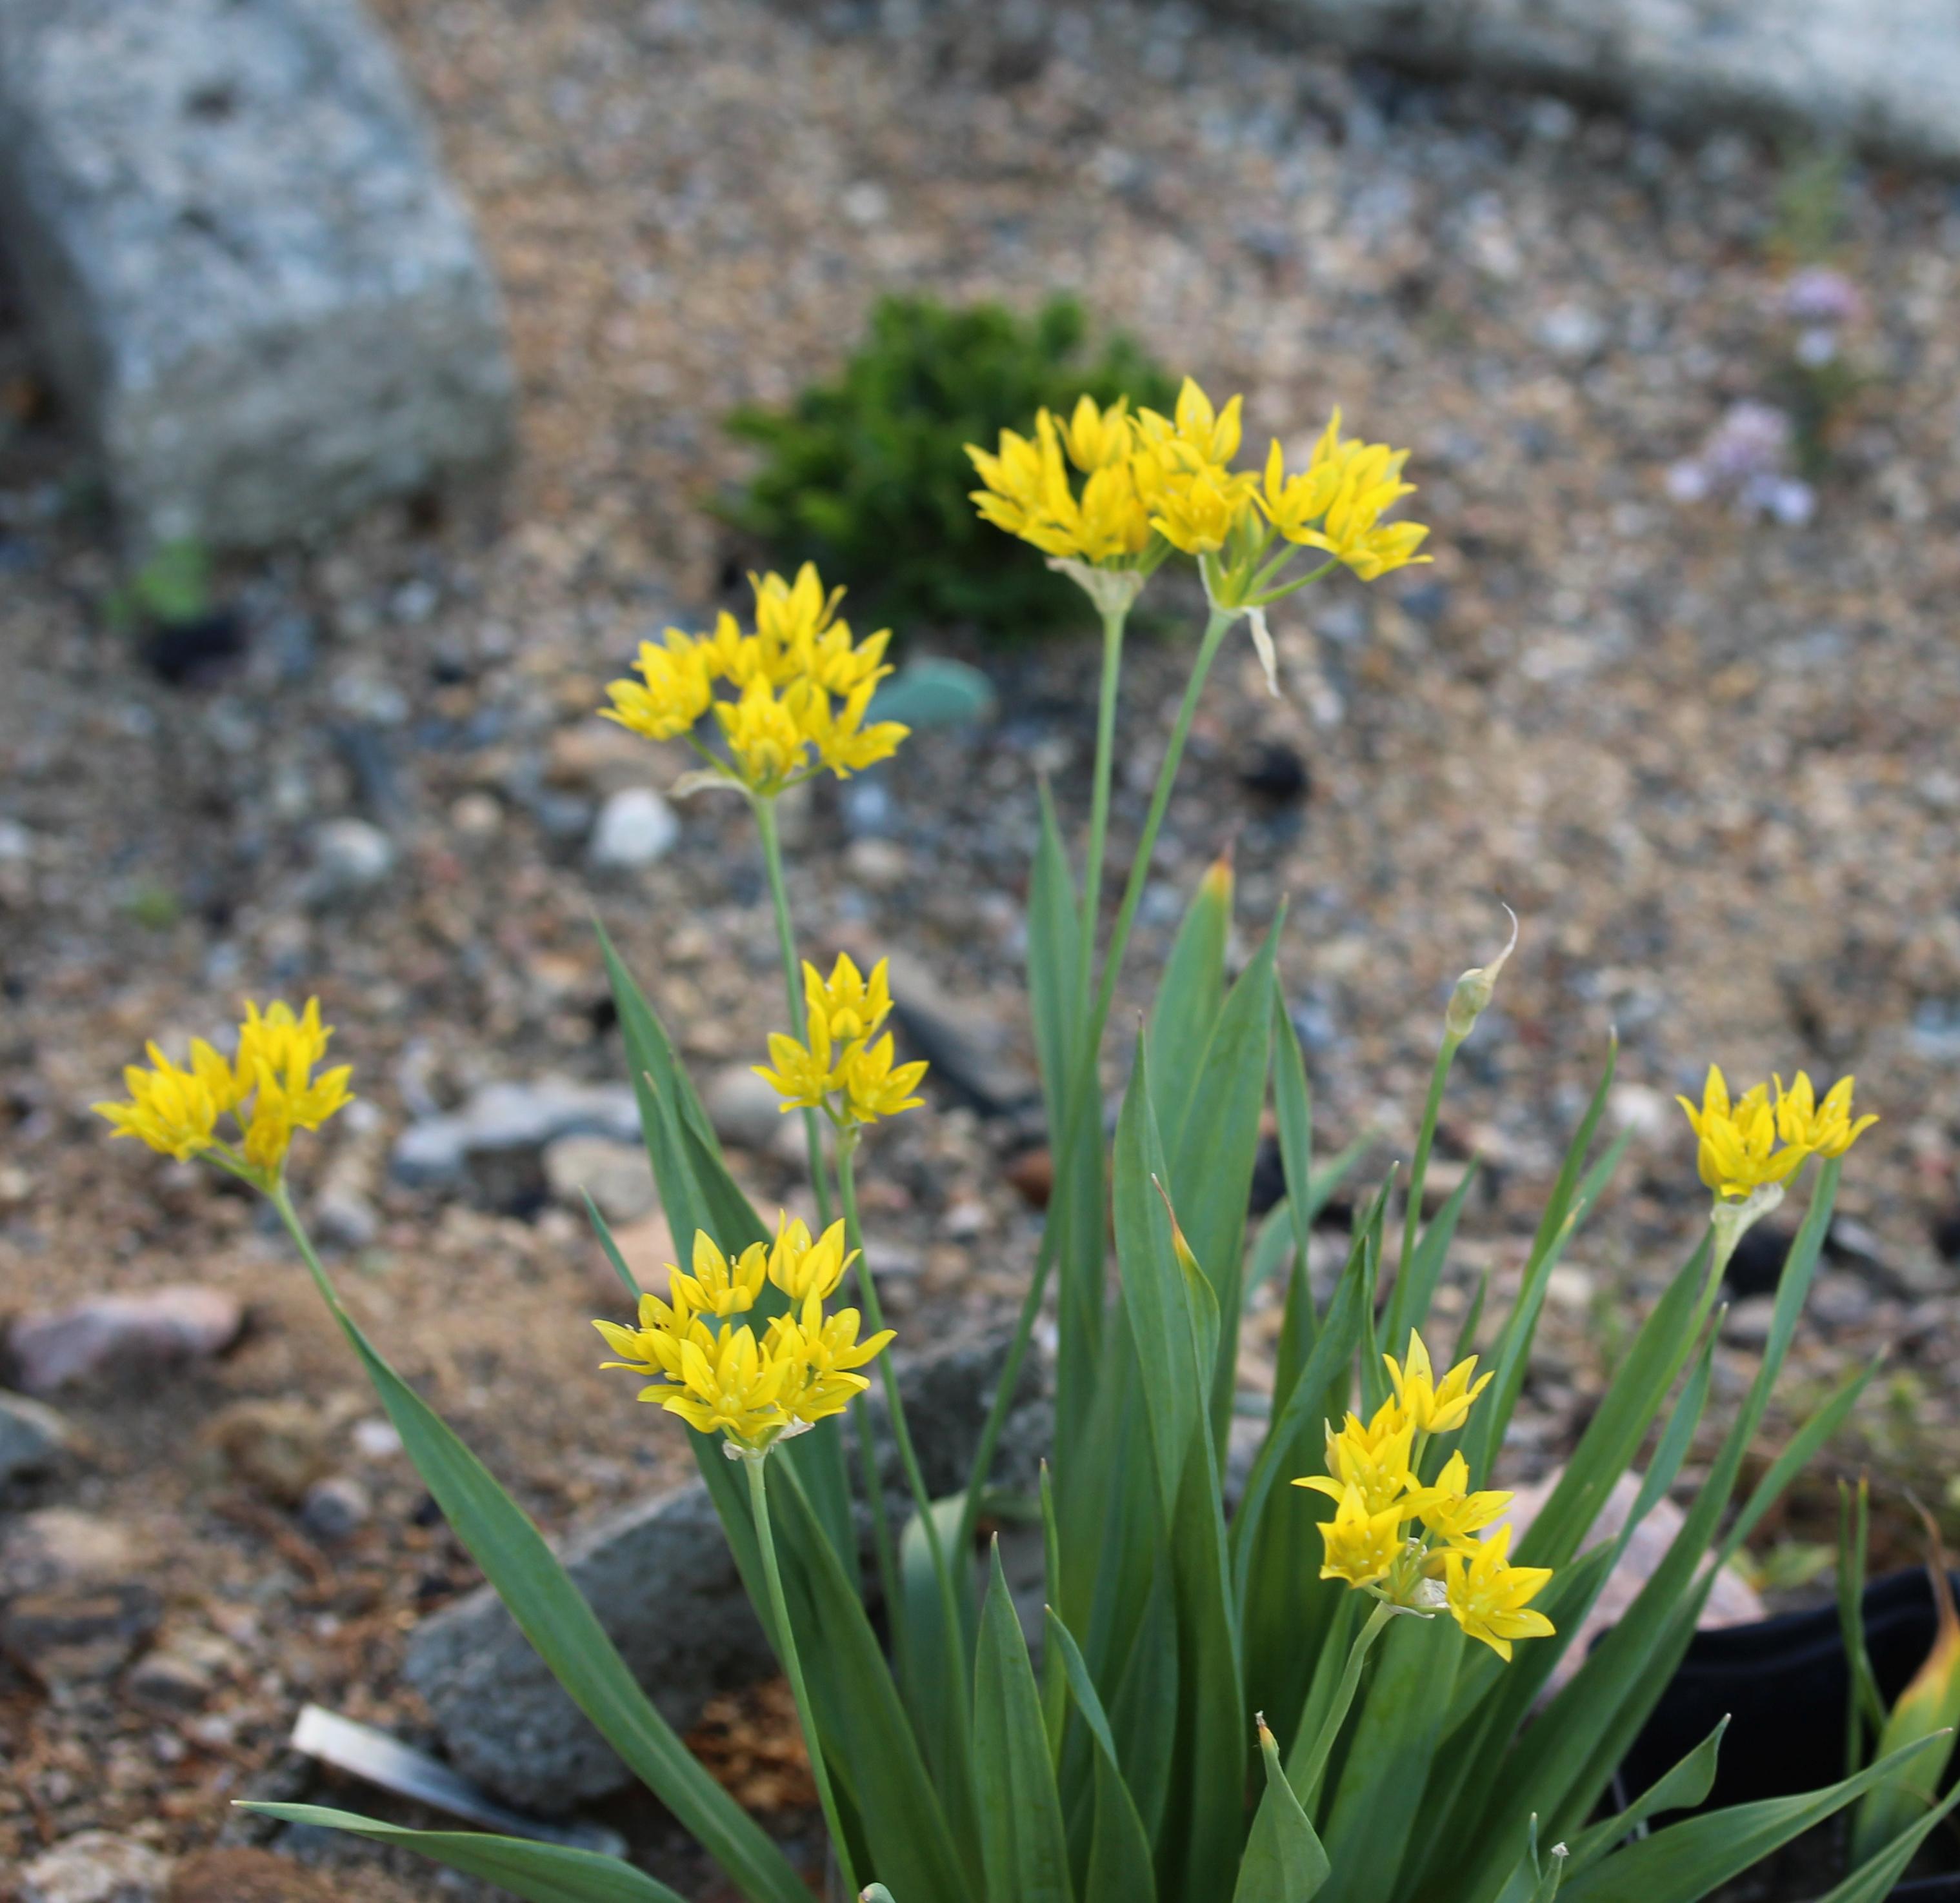 Allium_moly-ML_0616-T